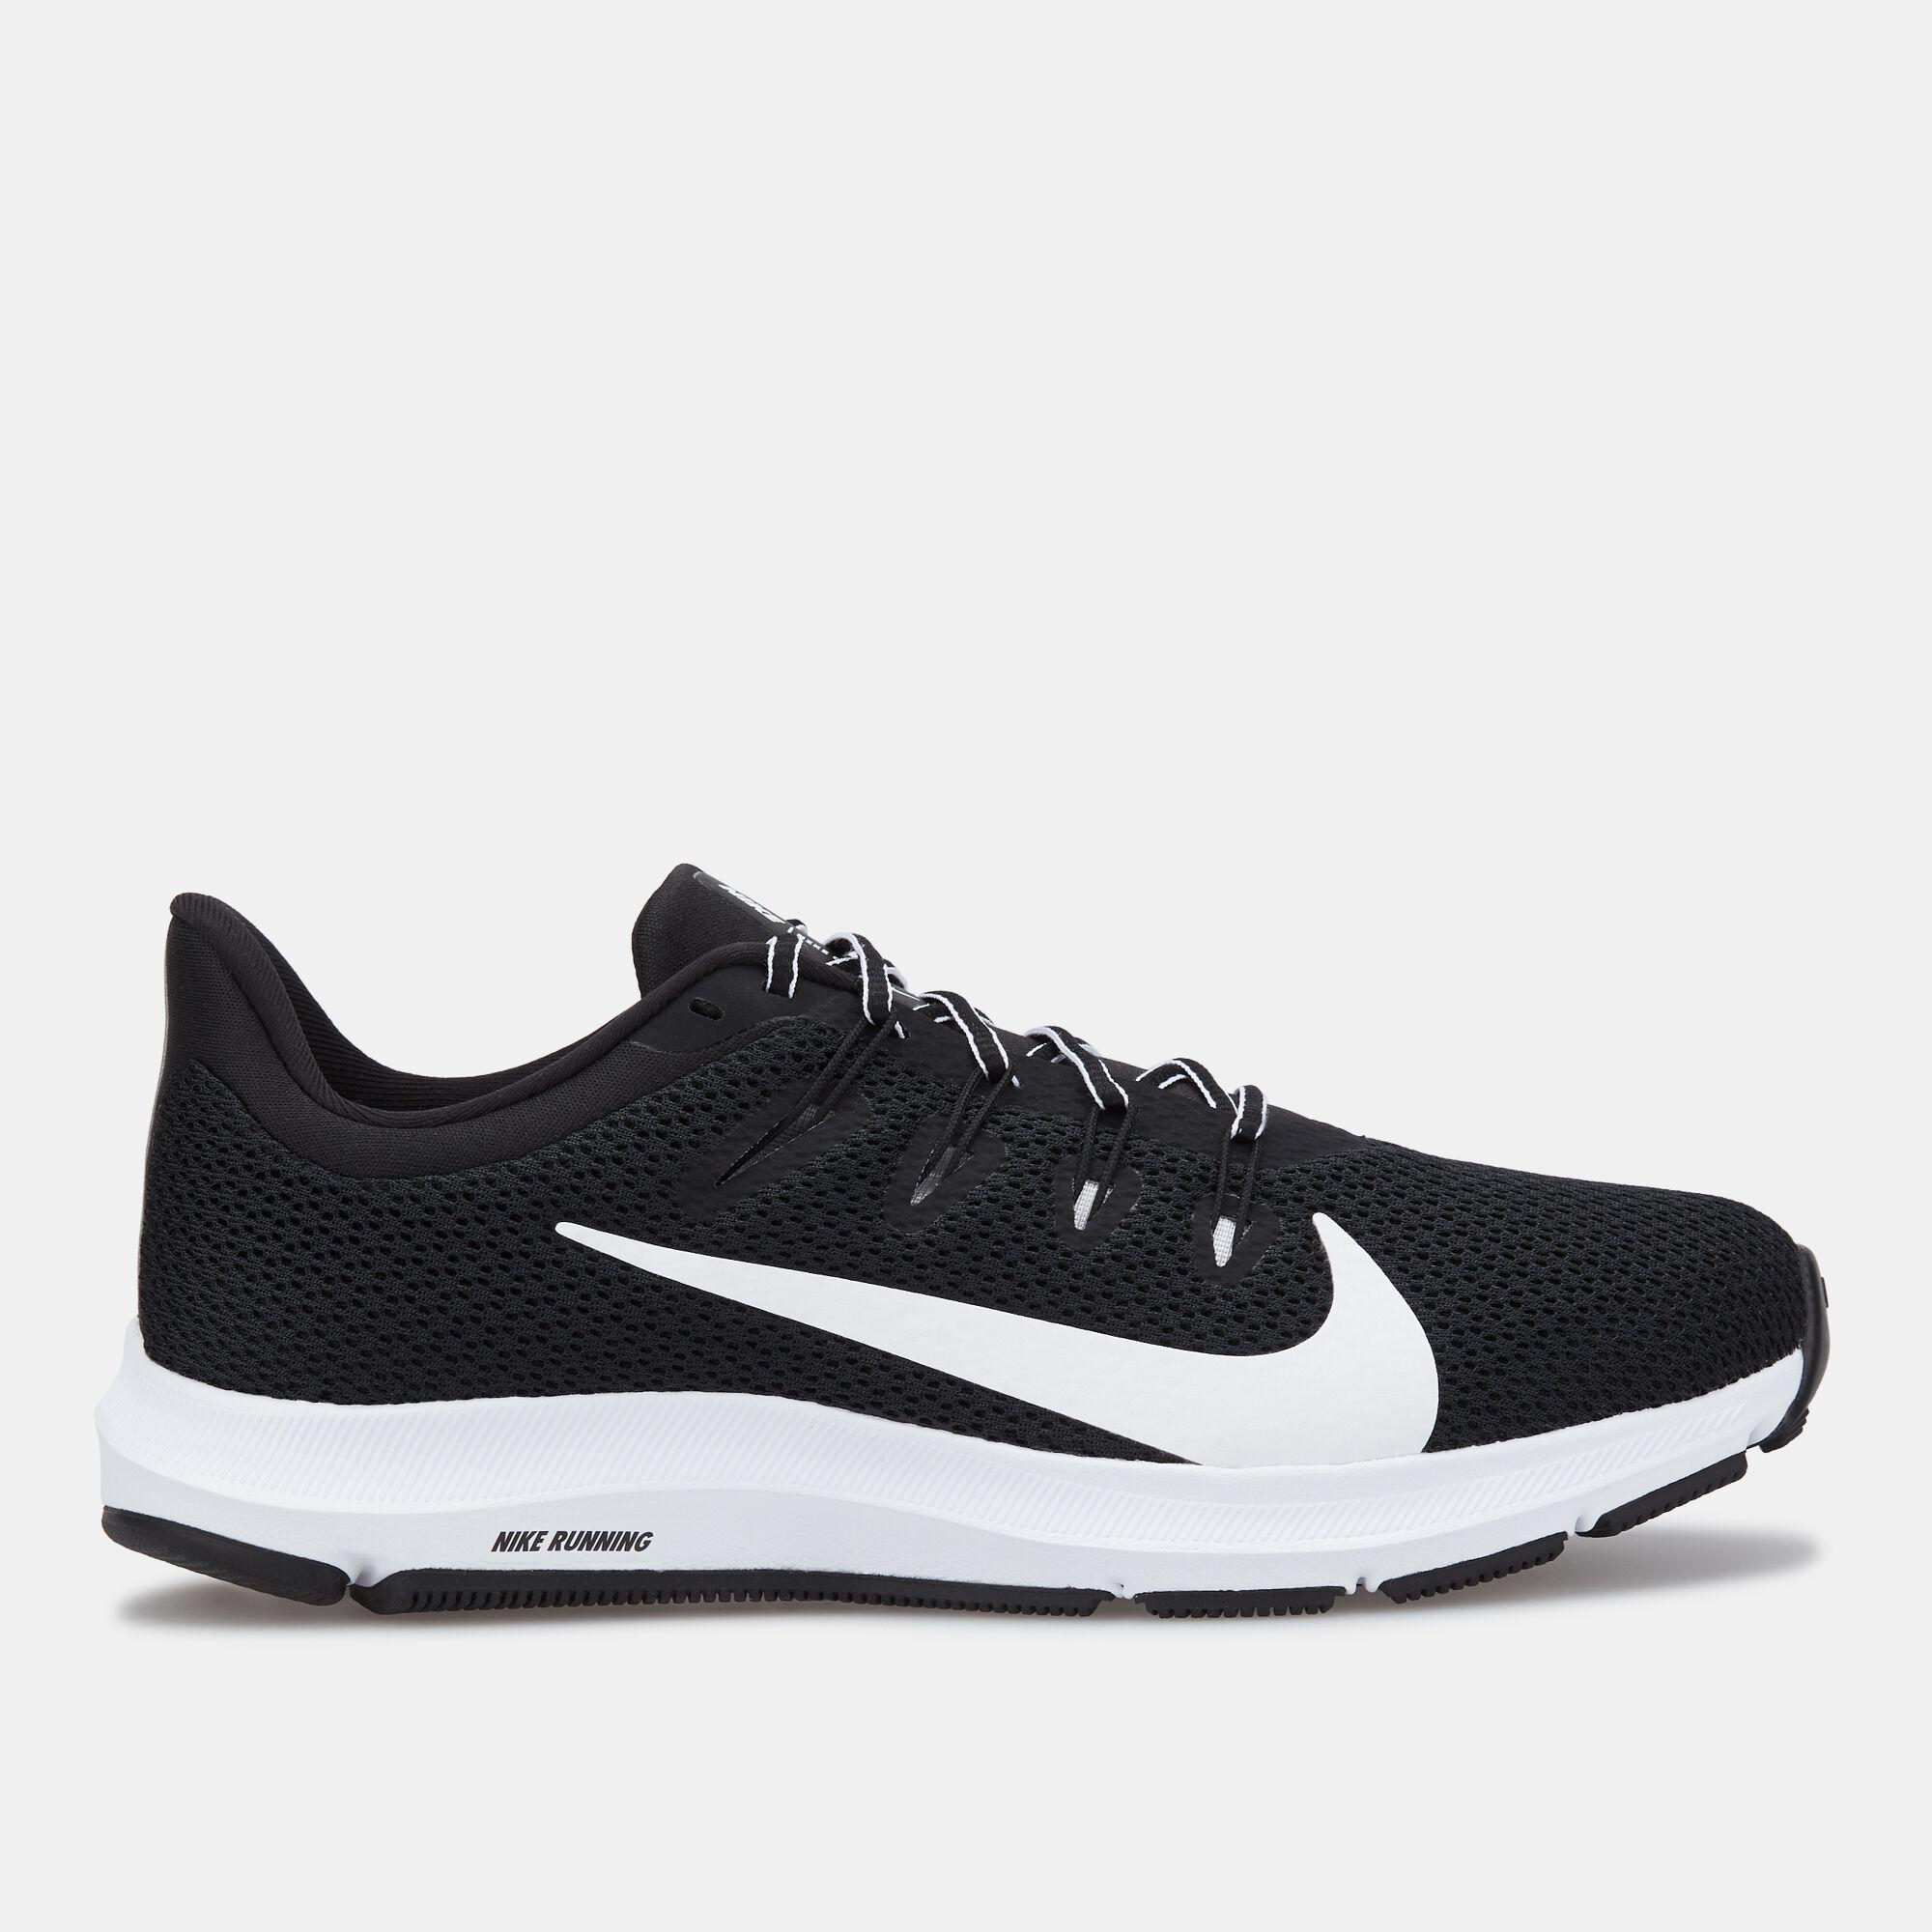 Quest 2 Running Shoe in Dubai, UAE   SSS